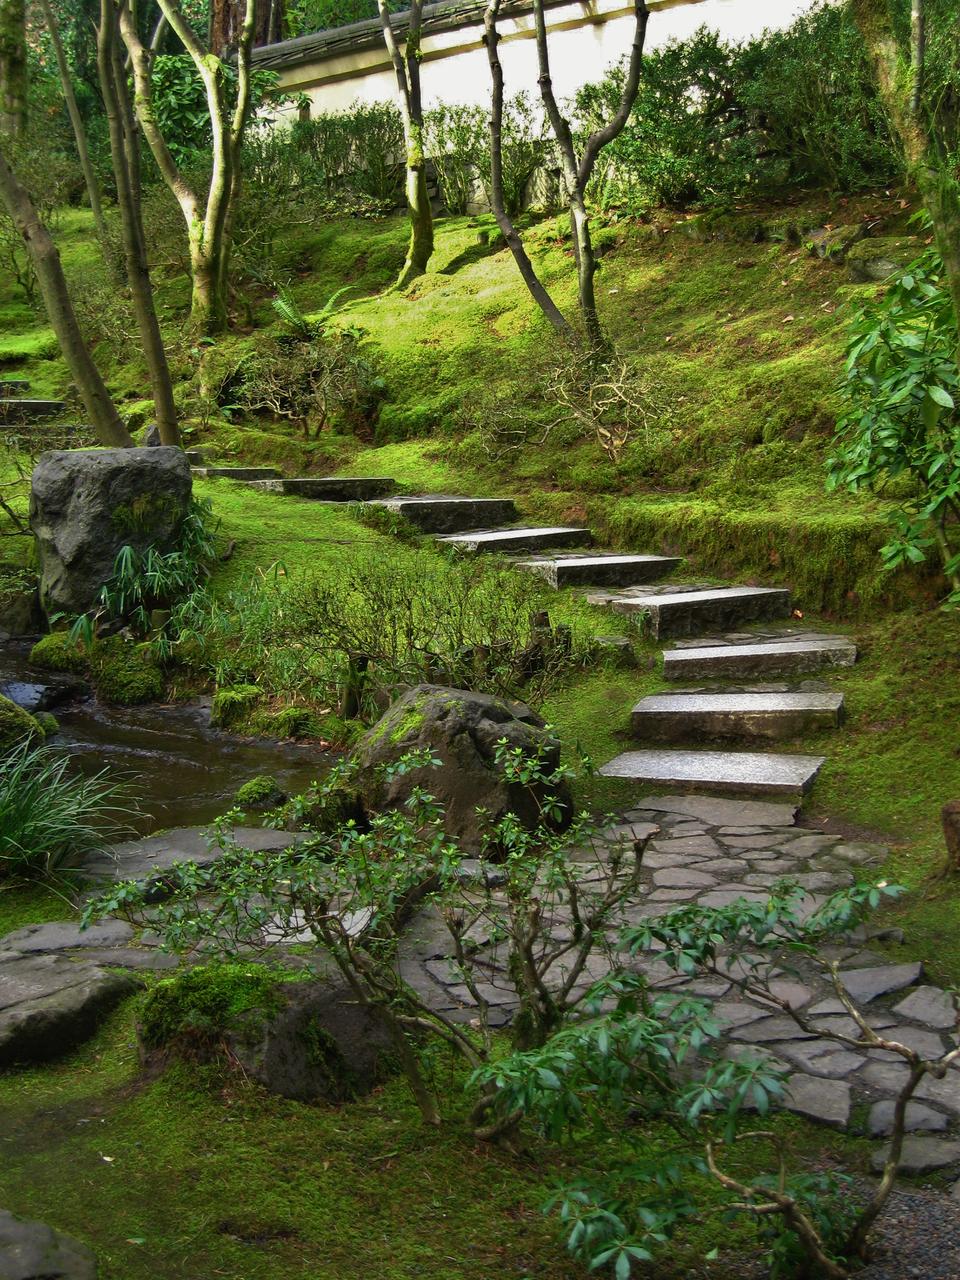 Fotografia przedstawia wnętrze japońskiego ogrodu. Ugóry ogród zamknięty jest białym murem. Pod nim rośnie kilka drzew ocienkich pniach. Kamienne płyty stają się schodami iwiodą wgłąb ogrodu, między drzewa. Przy płytach ipod drzewami rośnie żółtozielony dywan zmchów. Zlewej strony fotografii znajdują się kawałki skał izbiornik wody. Na pierwszym planie niewielki rododendron.